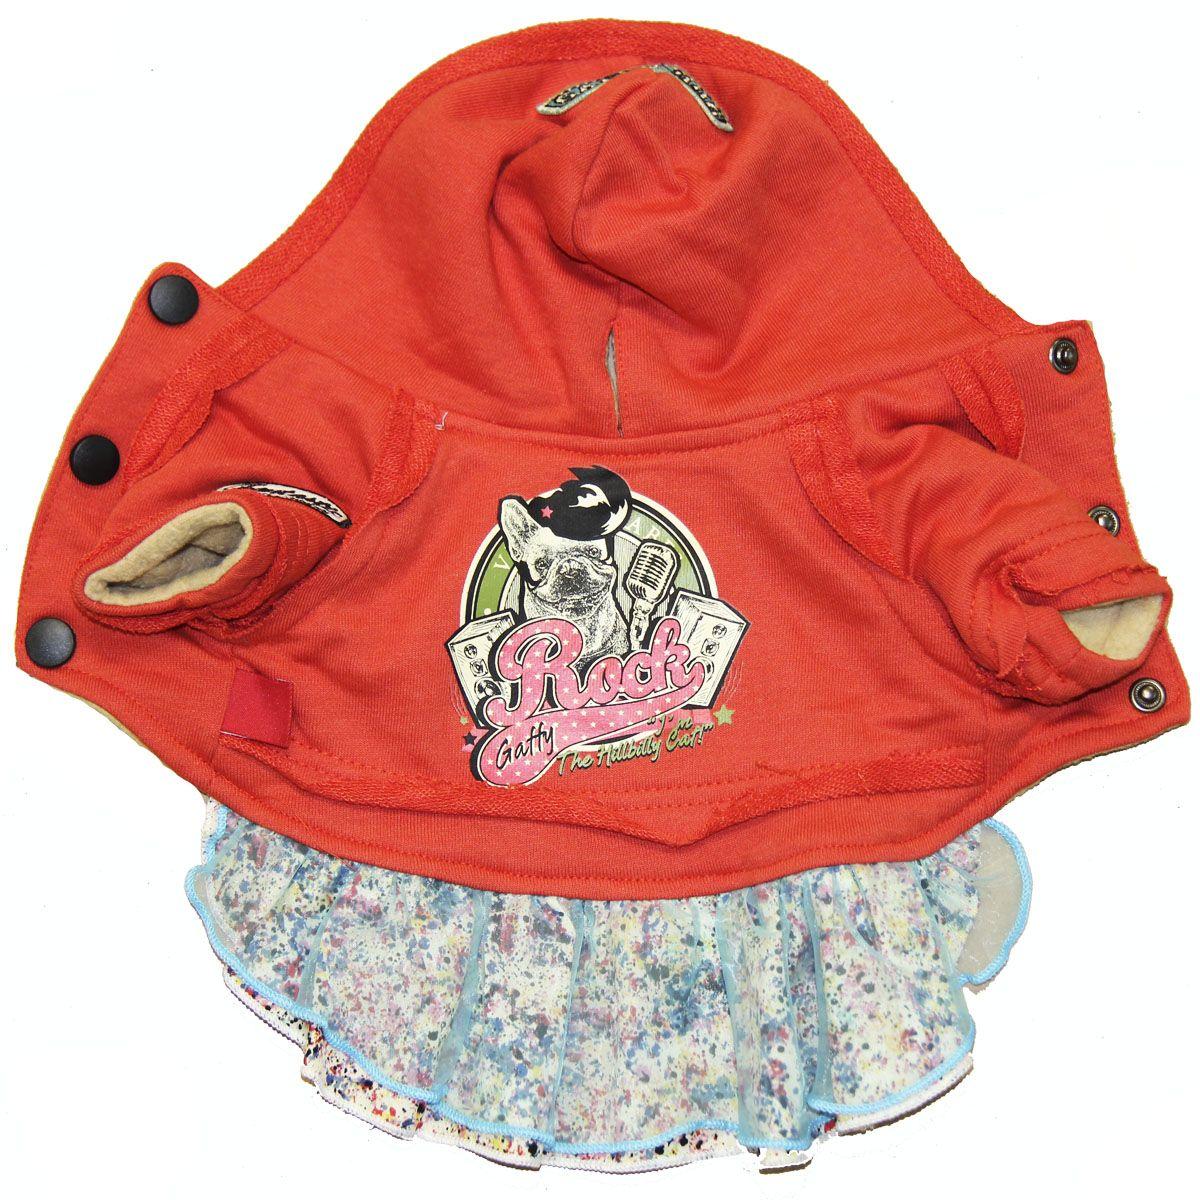 Костюм для собак Gaffy Pet Rock Baby. Размер M11004 MКостюм Rock Baby для модных собачек.Актуальный спортивный шик. Модная толстовка и романтичная юбка - тренд в мире моды.Нежная юбка из хлопка и органзы и толстовка в стиле рок. Мы стараемся тщательно продумать каждую мелочь. Цельный костюм состоит из 2х частей: оранжевая толстовка и юбка с ярким принтом.Фиксируется на животе кнопками. Материал кнопок: металл.Обхват шеи, см: 26.Обхват груди, см: 45.Длина спины, см: 31.